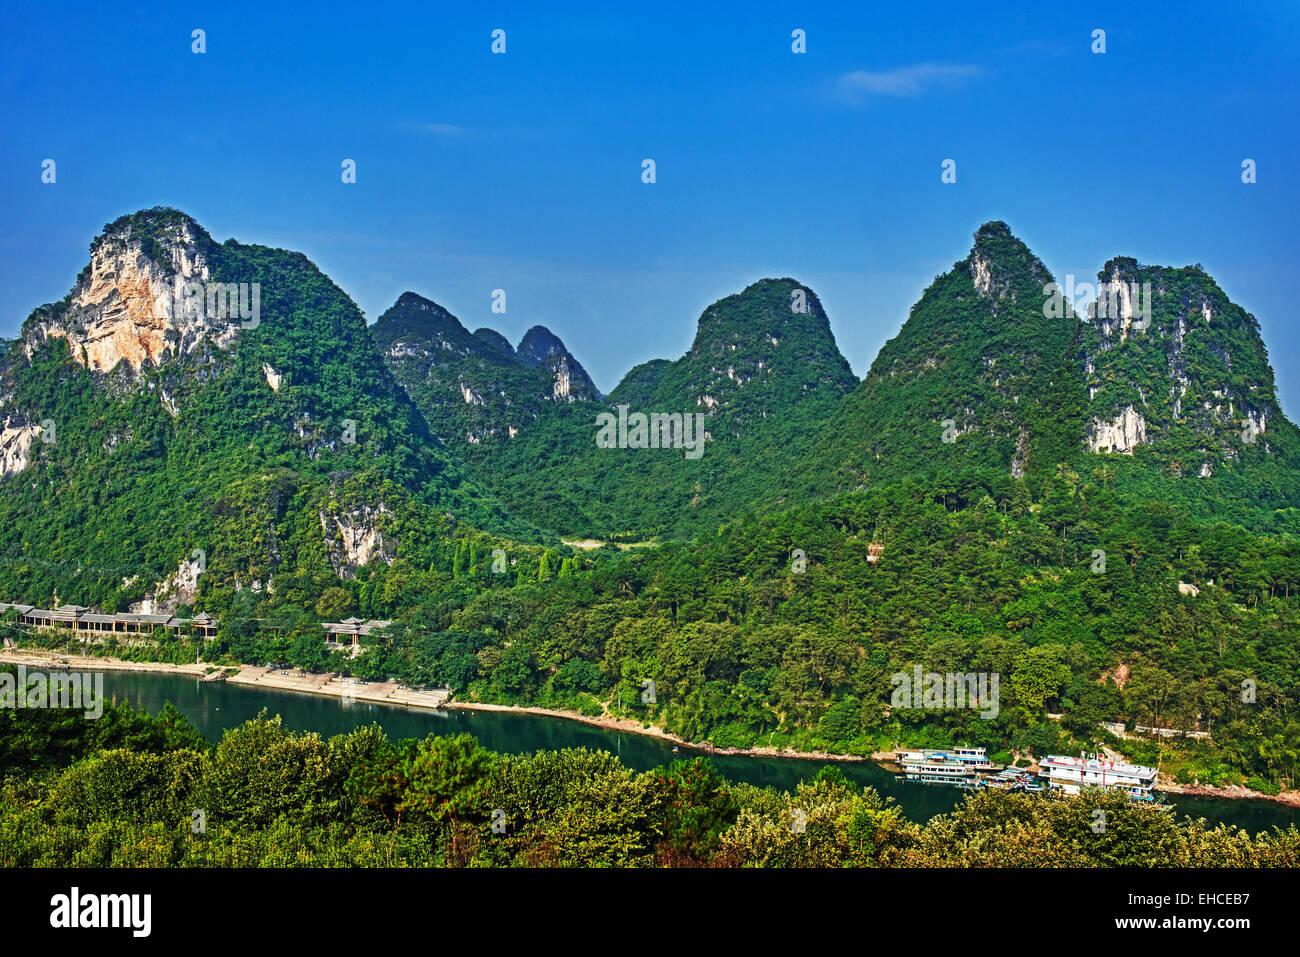 Li river, near Yangshuo in Guangxi province  China Stock Photo